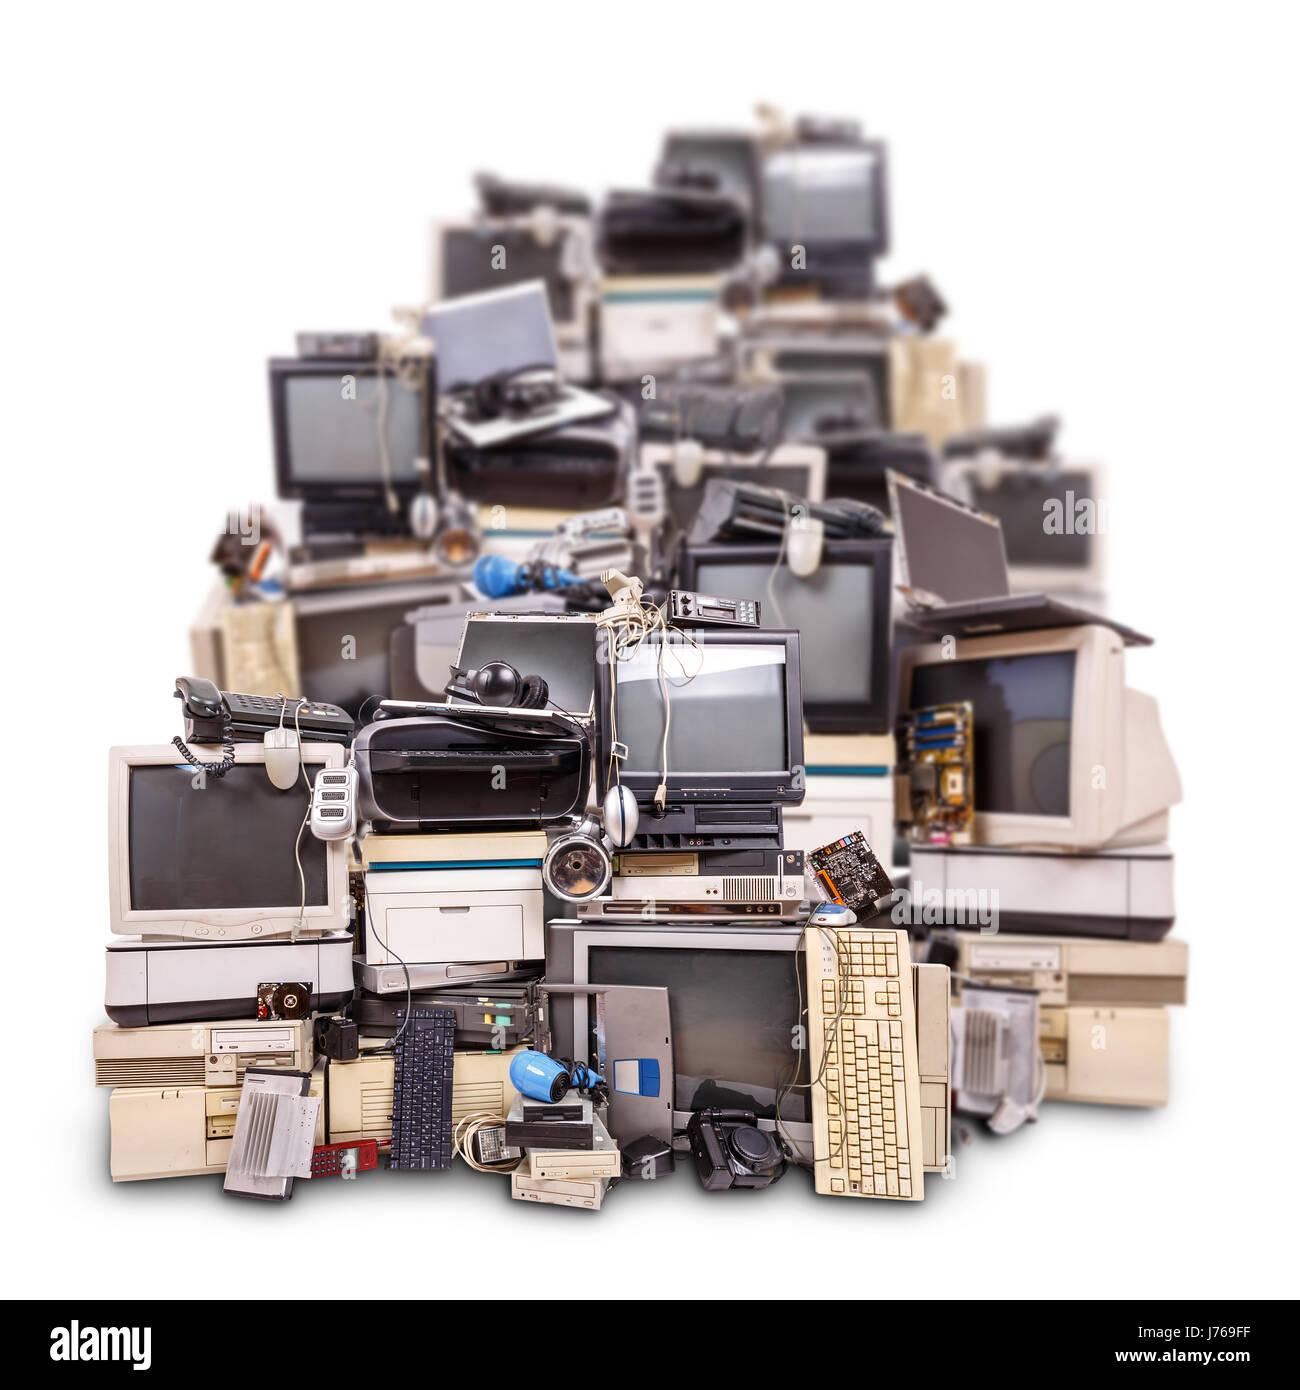 Rifiuti elettronici pronto per il riciclaggio isolati su sfondo bianco Immagini Stock